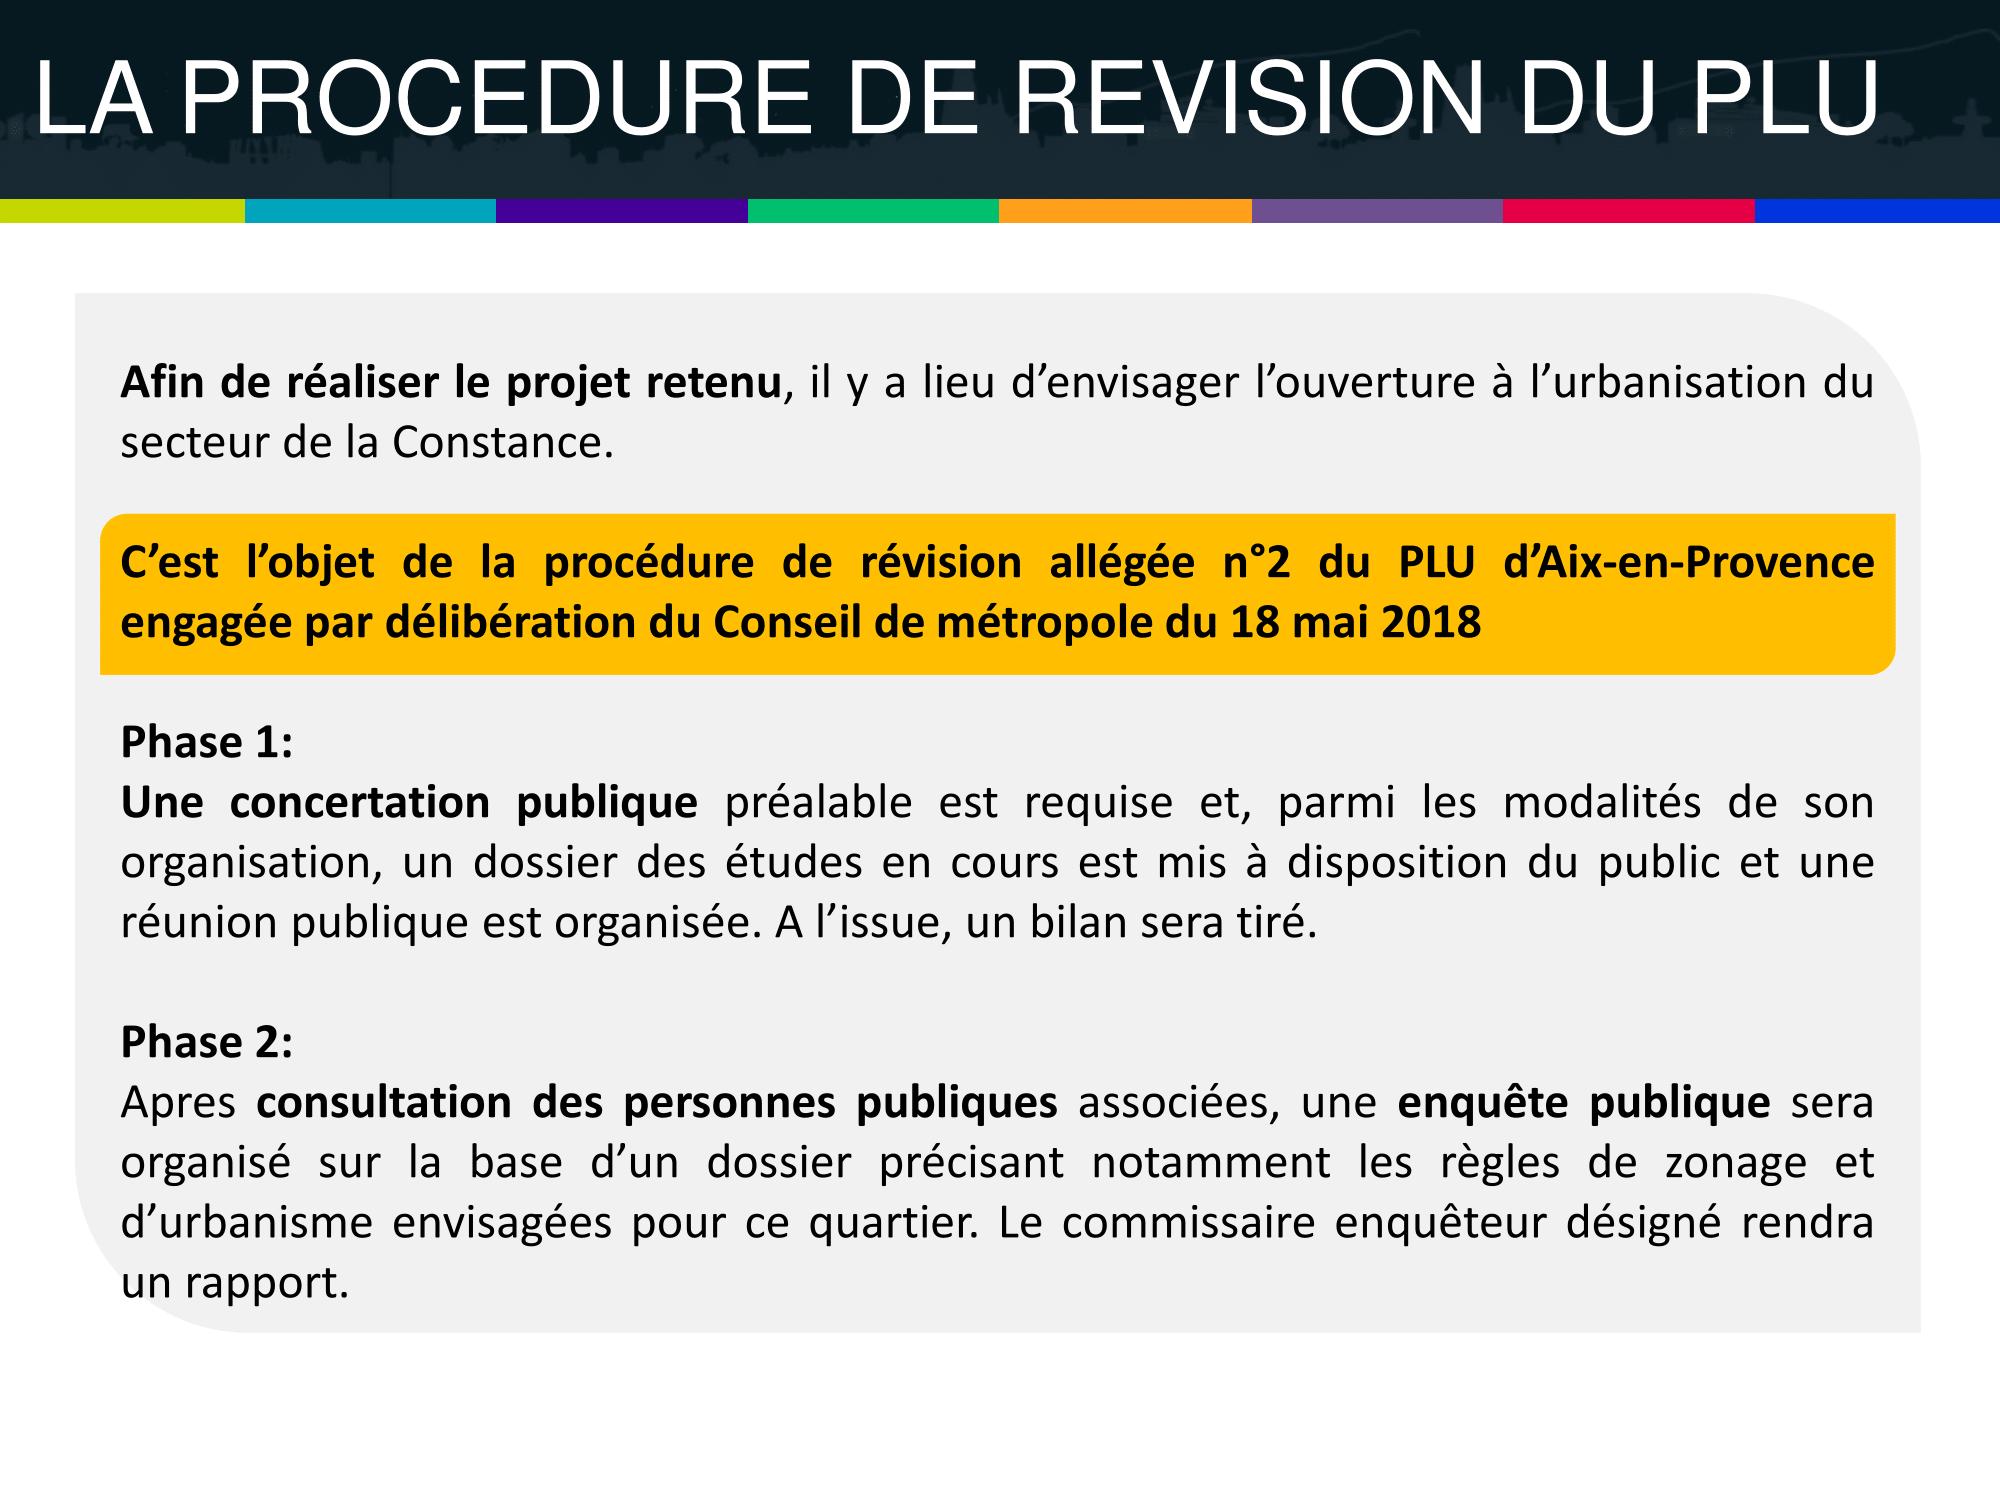 La procédure de révision du PLU